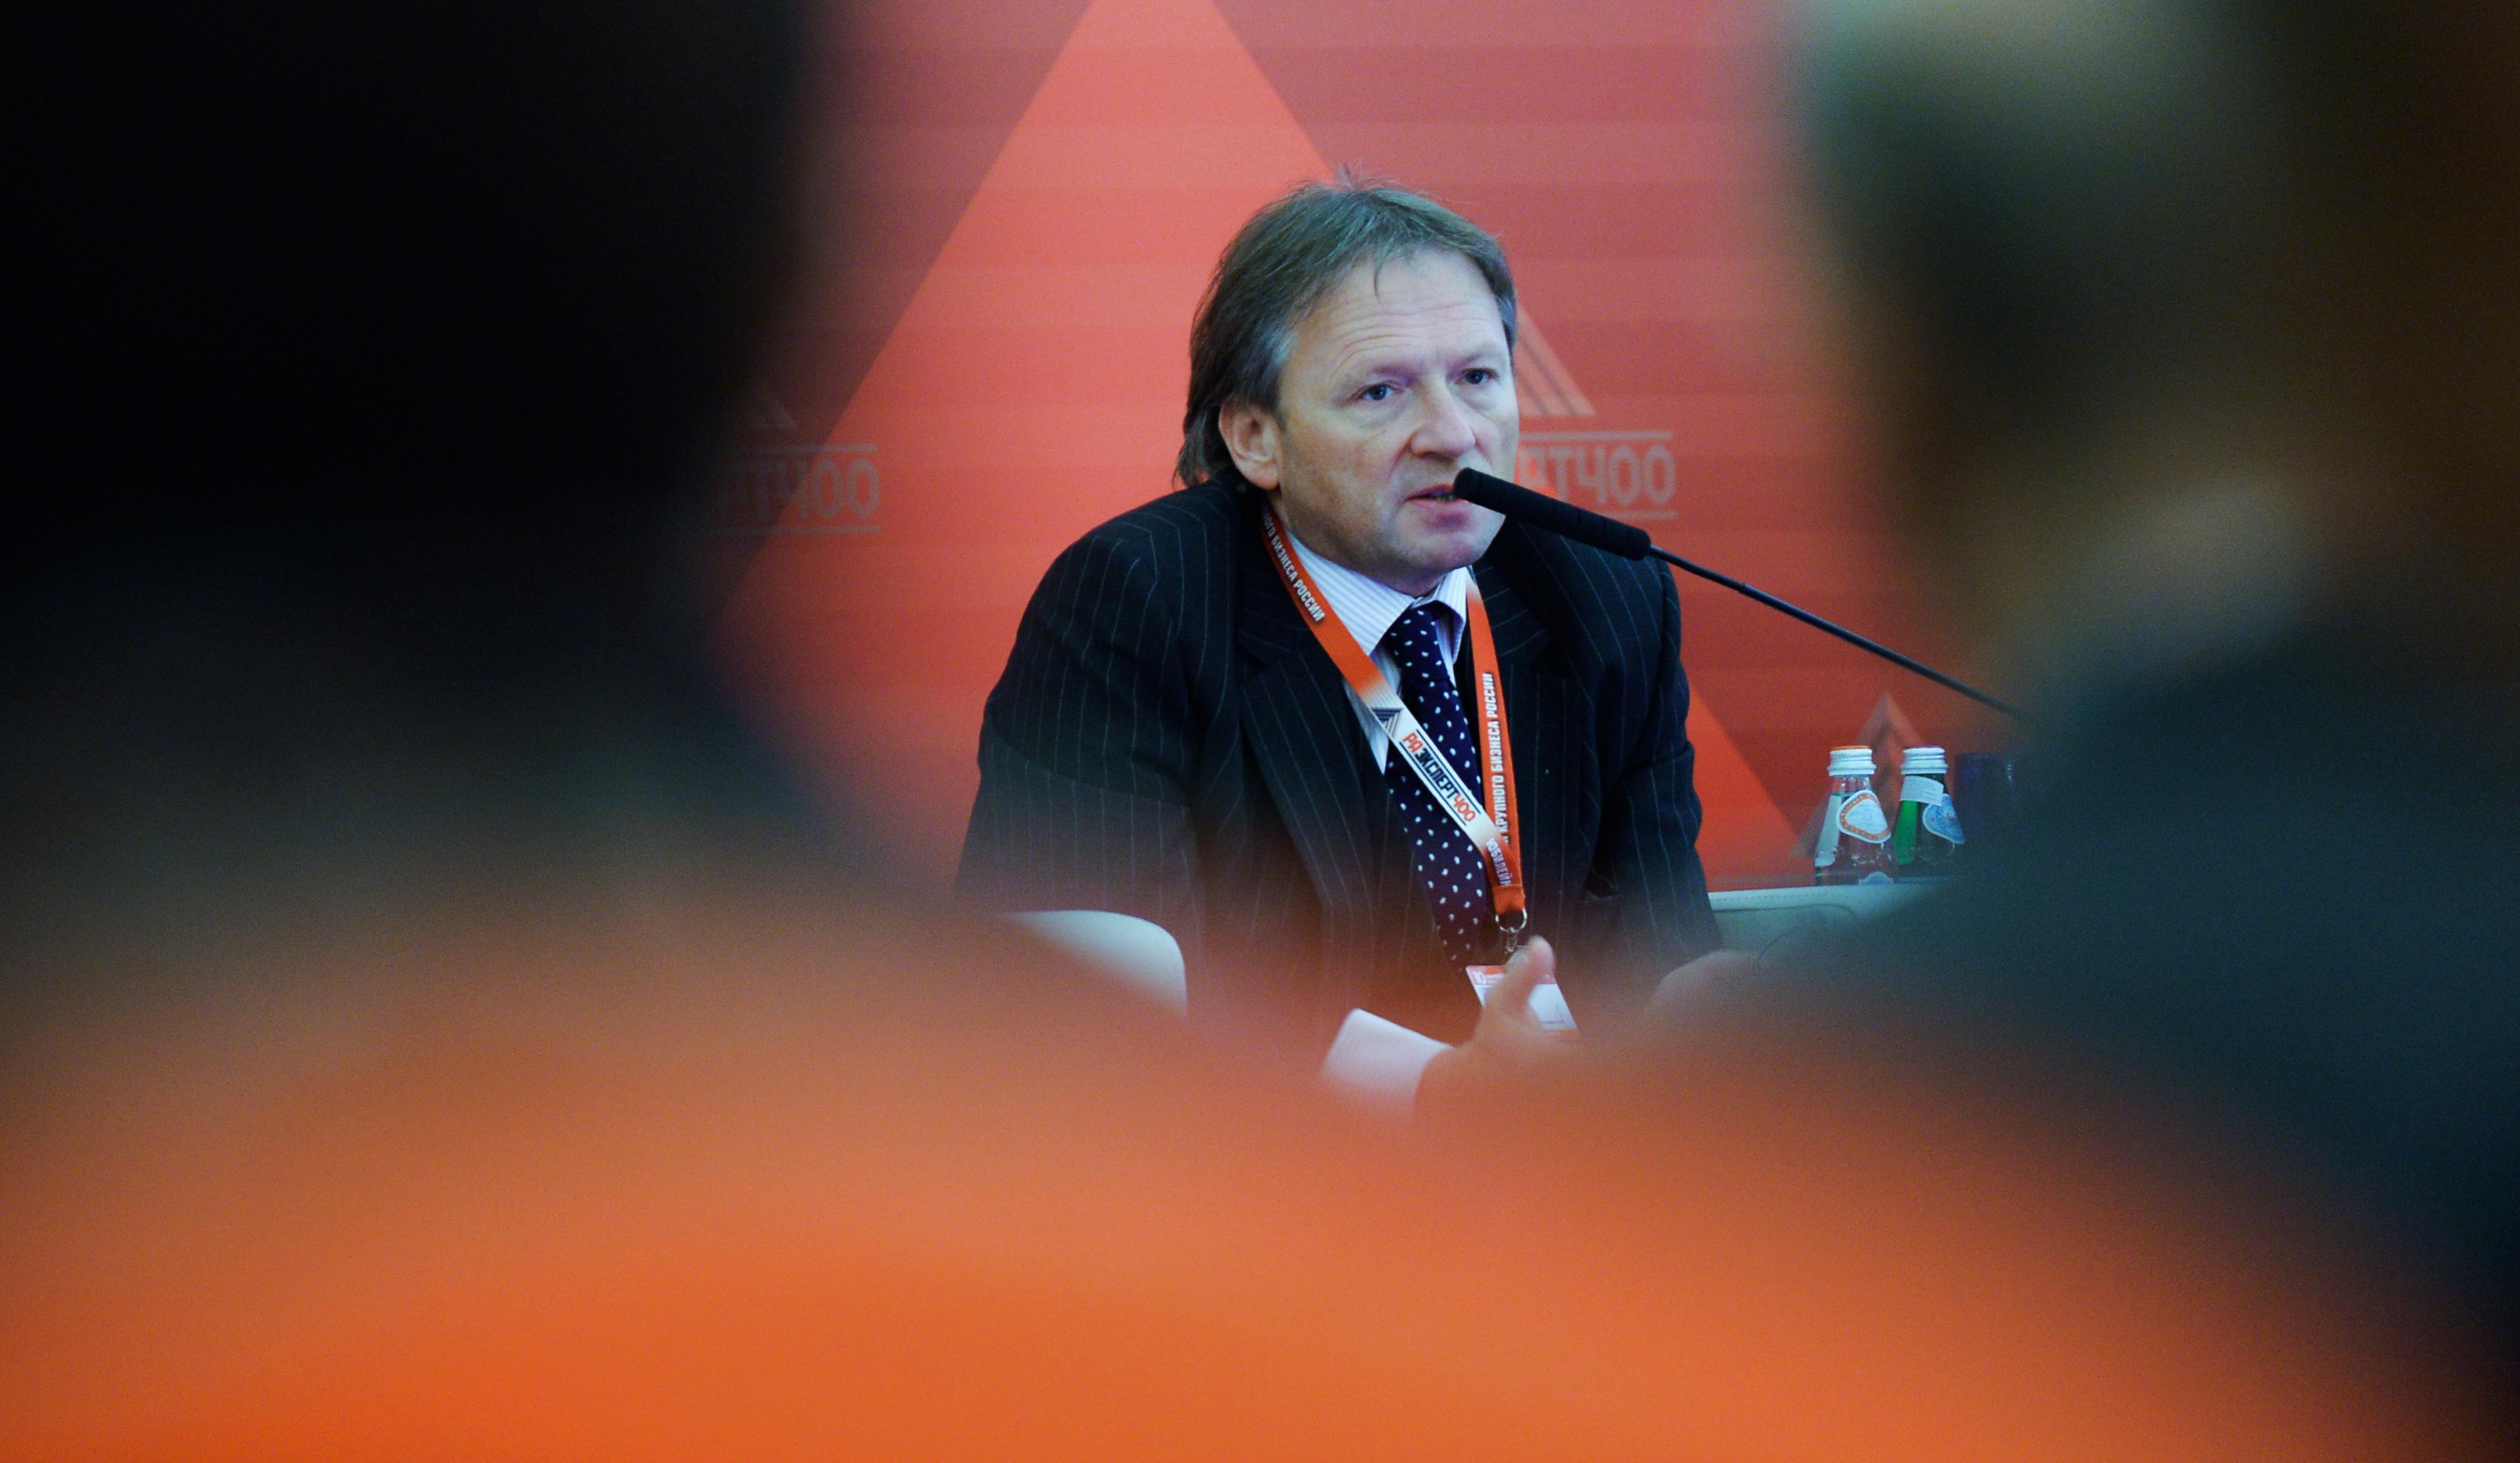 Un groupe d'économistes présente une alternative à la politique préconisée jusqu'à présent. Sur la photo : Boris Titov, le président du Club Stolypine.